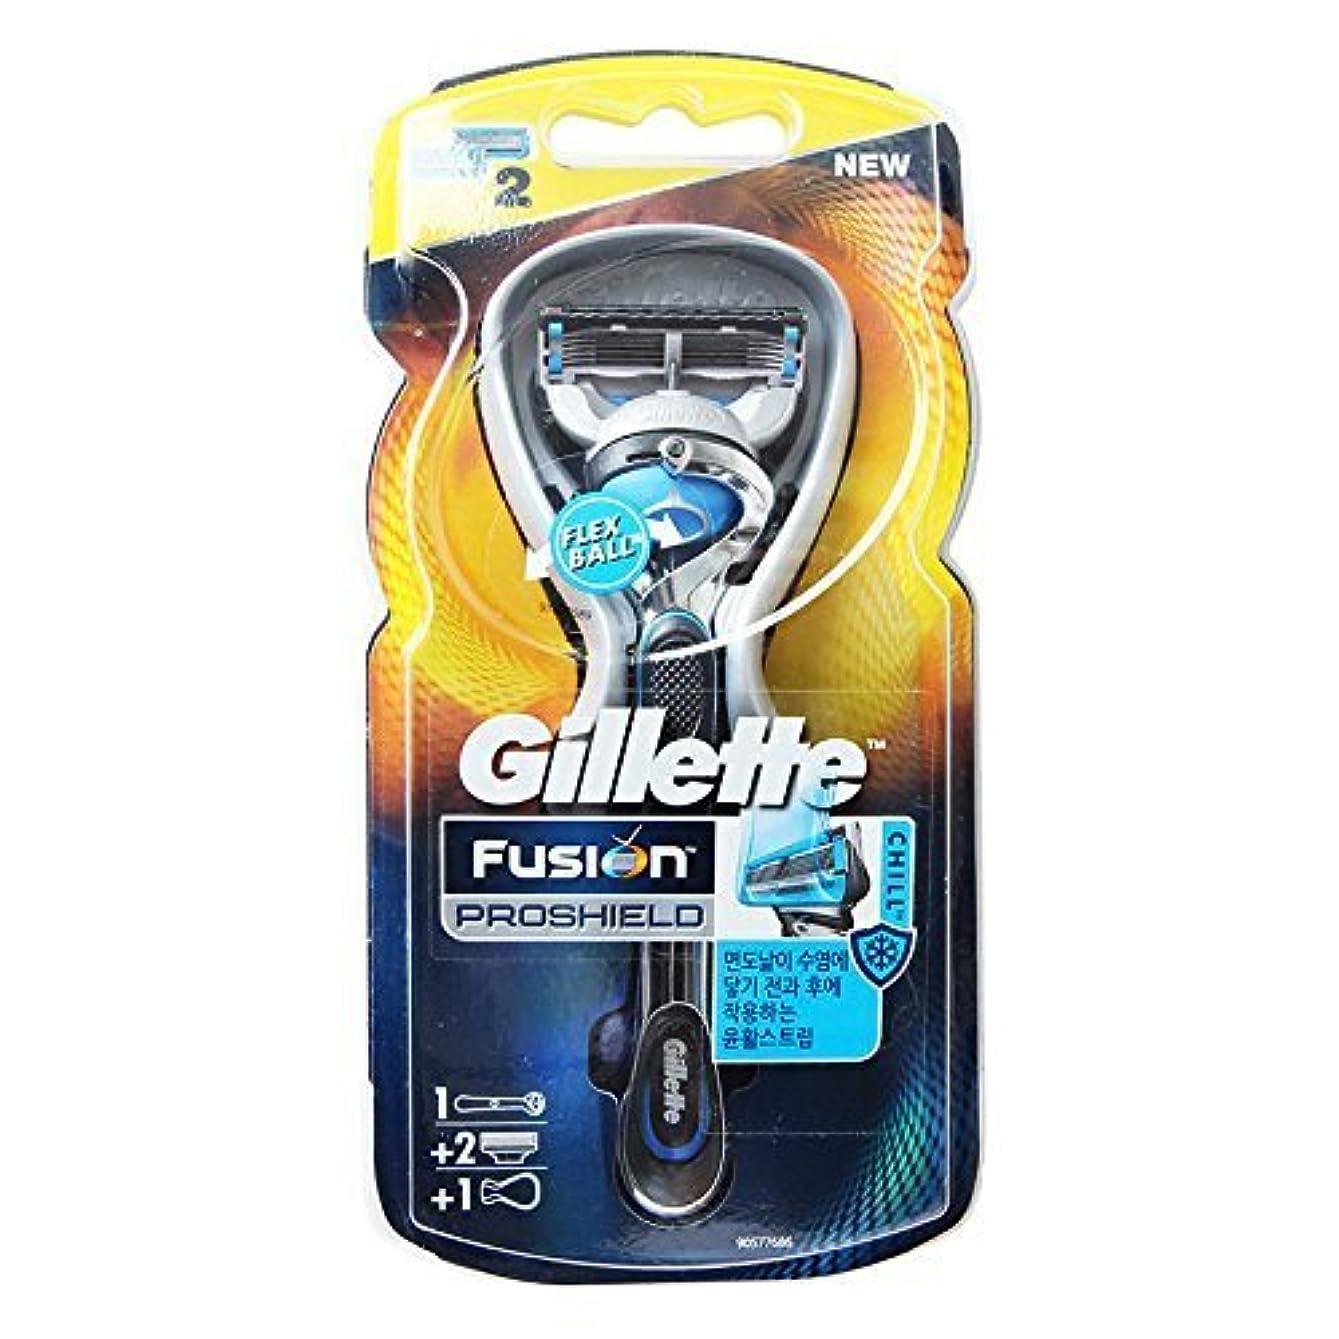 インターネット誘惑予見するGillette Fusion Proshield Chill Blue フレックスボールレザーブレードリフィル付きメンズカミソリ2カウント [並行輸入品]